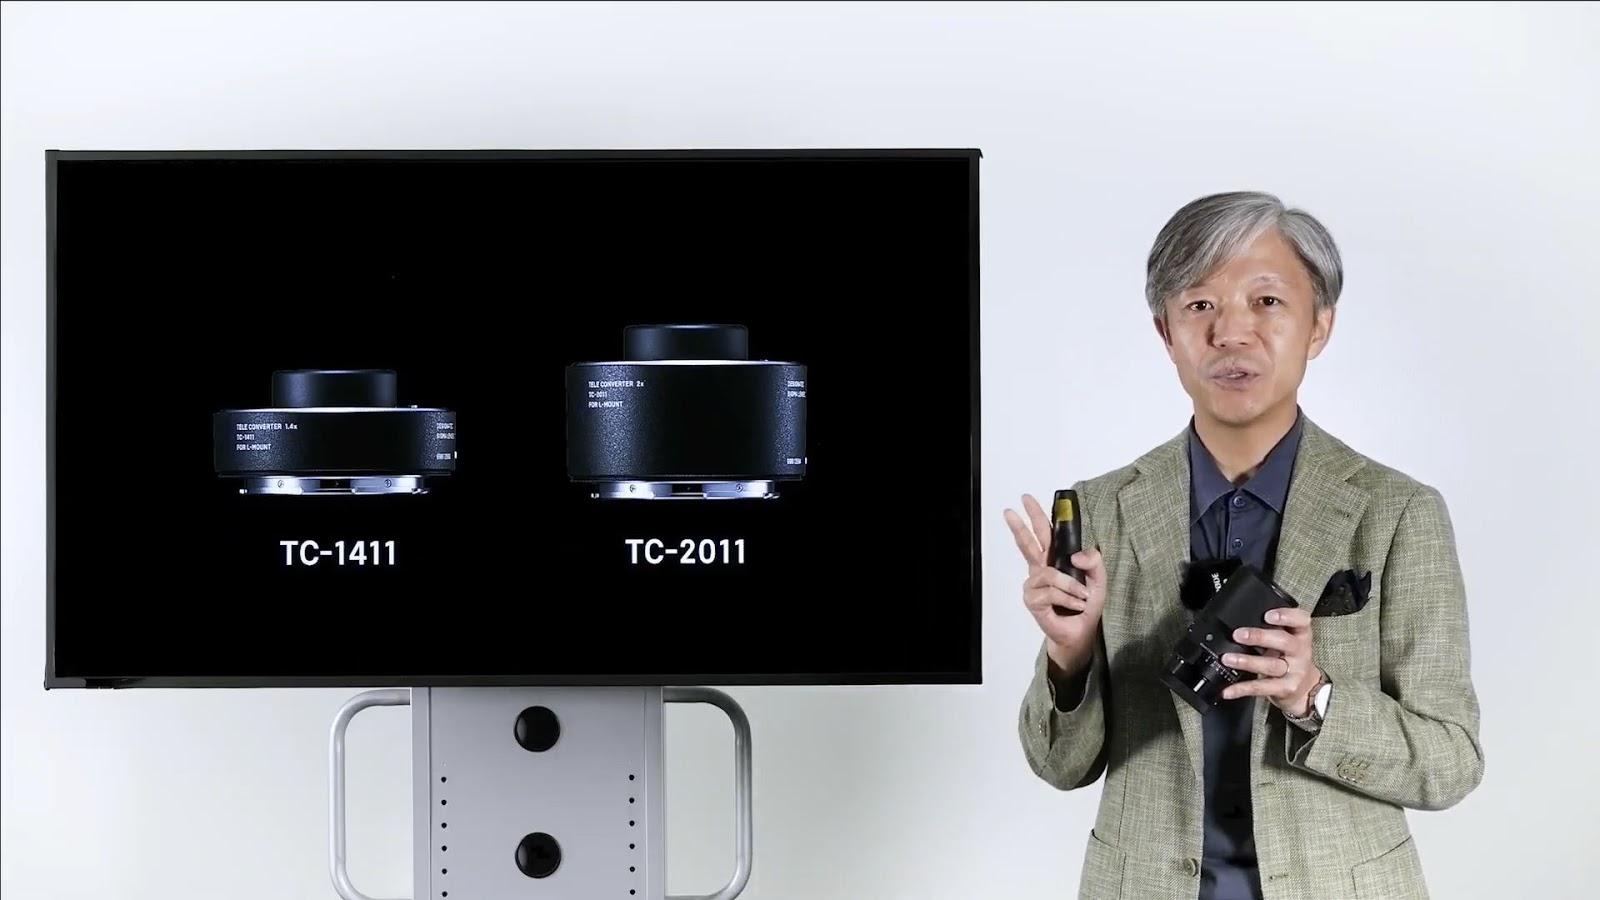 Два телеконвертера Sigma, с которыми может работать макрообъектив в Sigma 105mm f/2.8 DG DN Macro Art